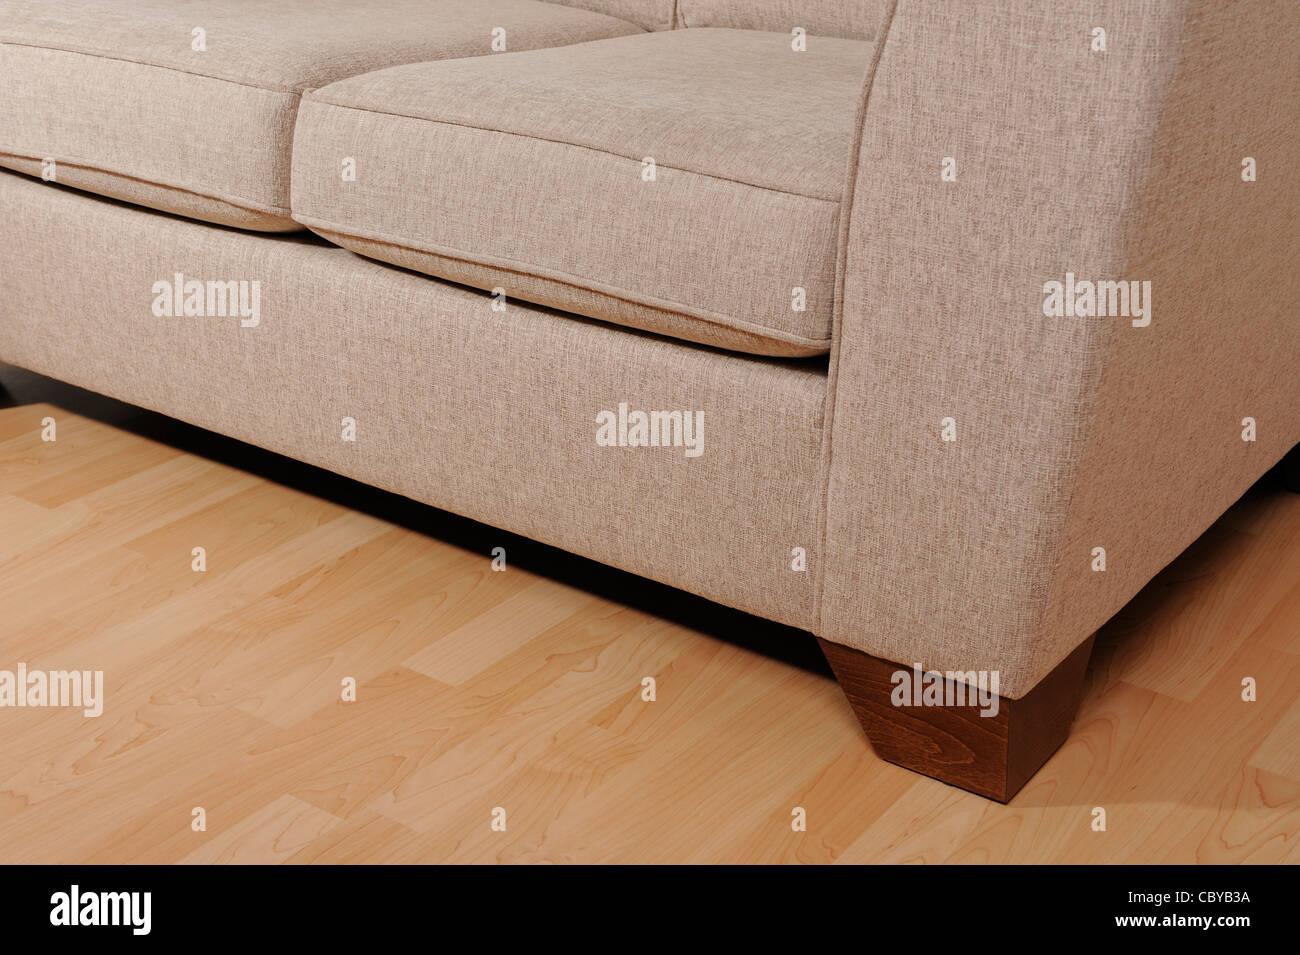 Canapé sur un sol en bois Photo Stock